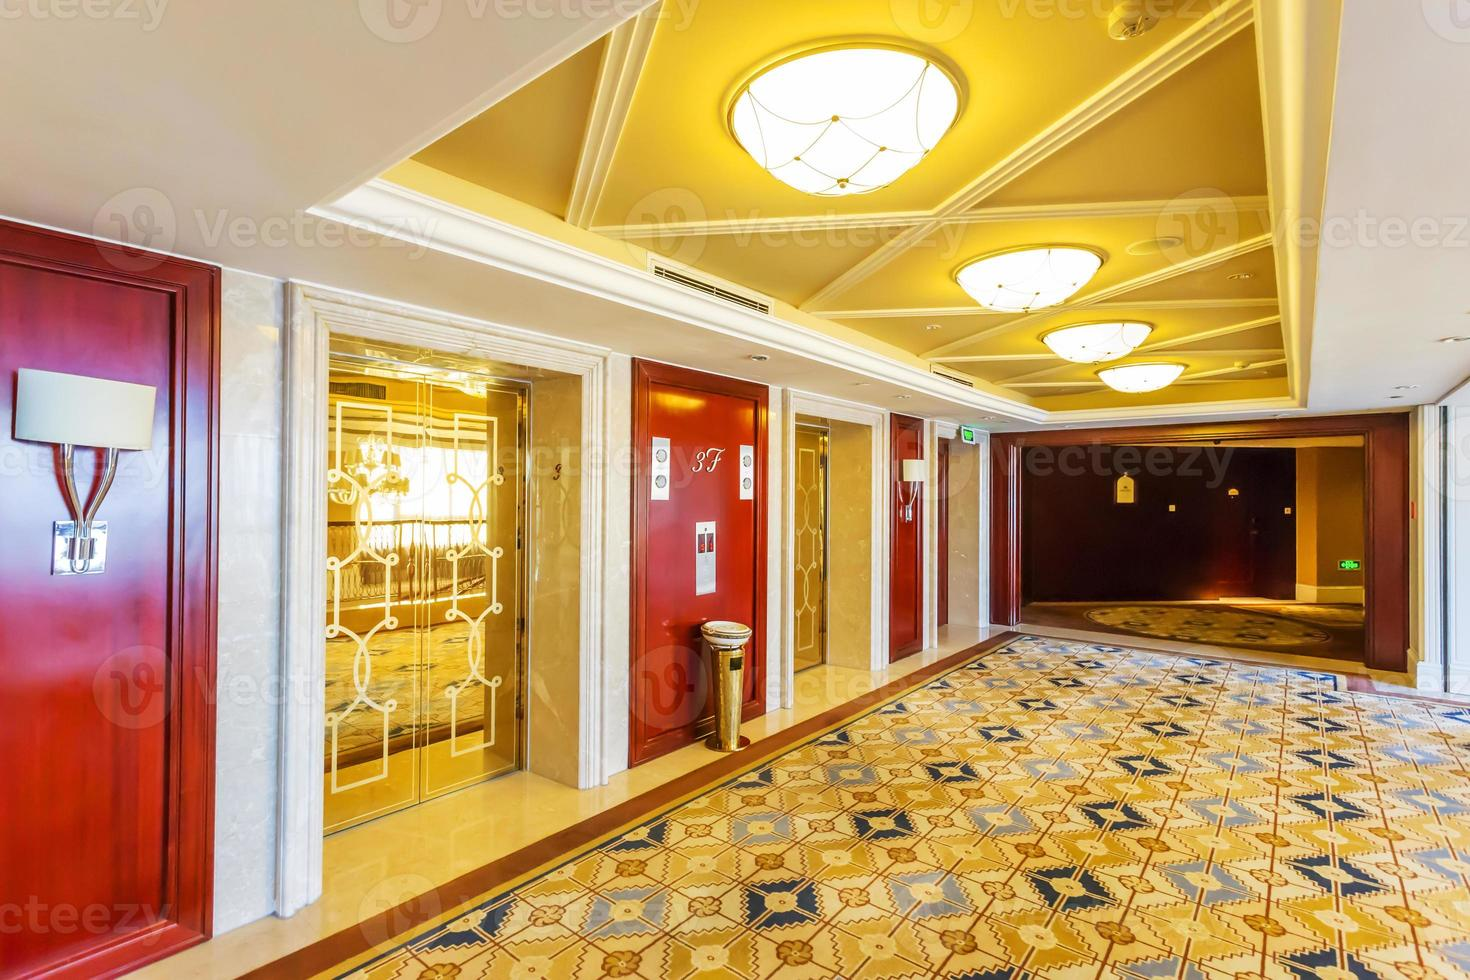 intérieur de l'hôtel moderne et couloir photo